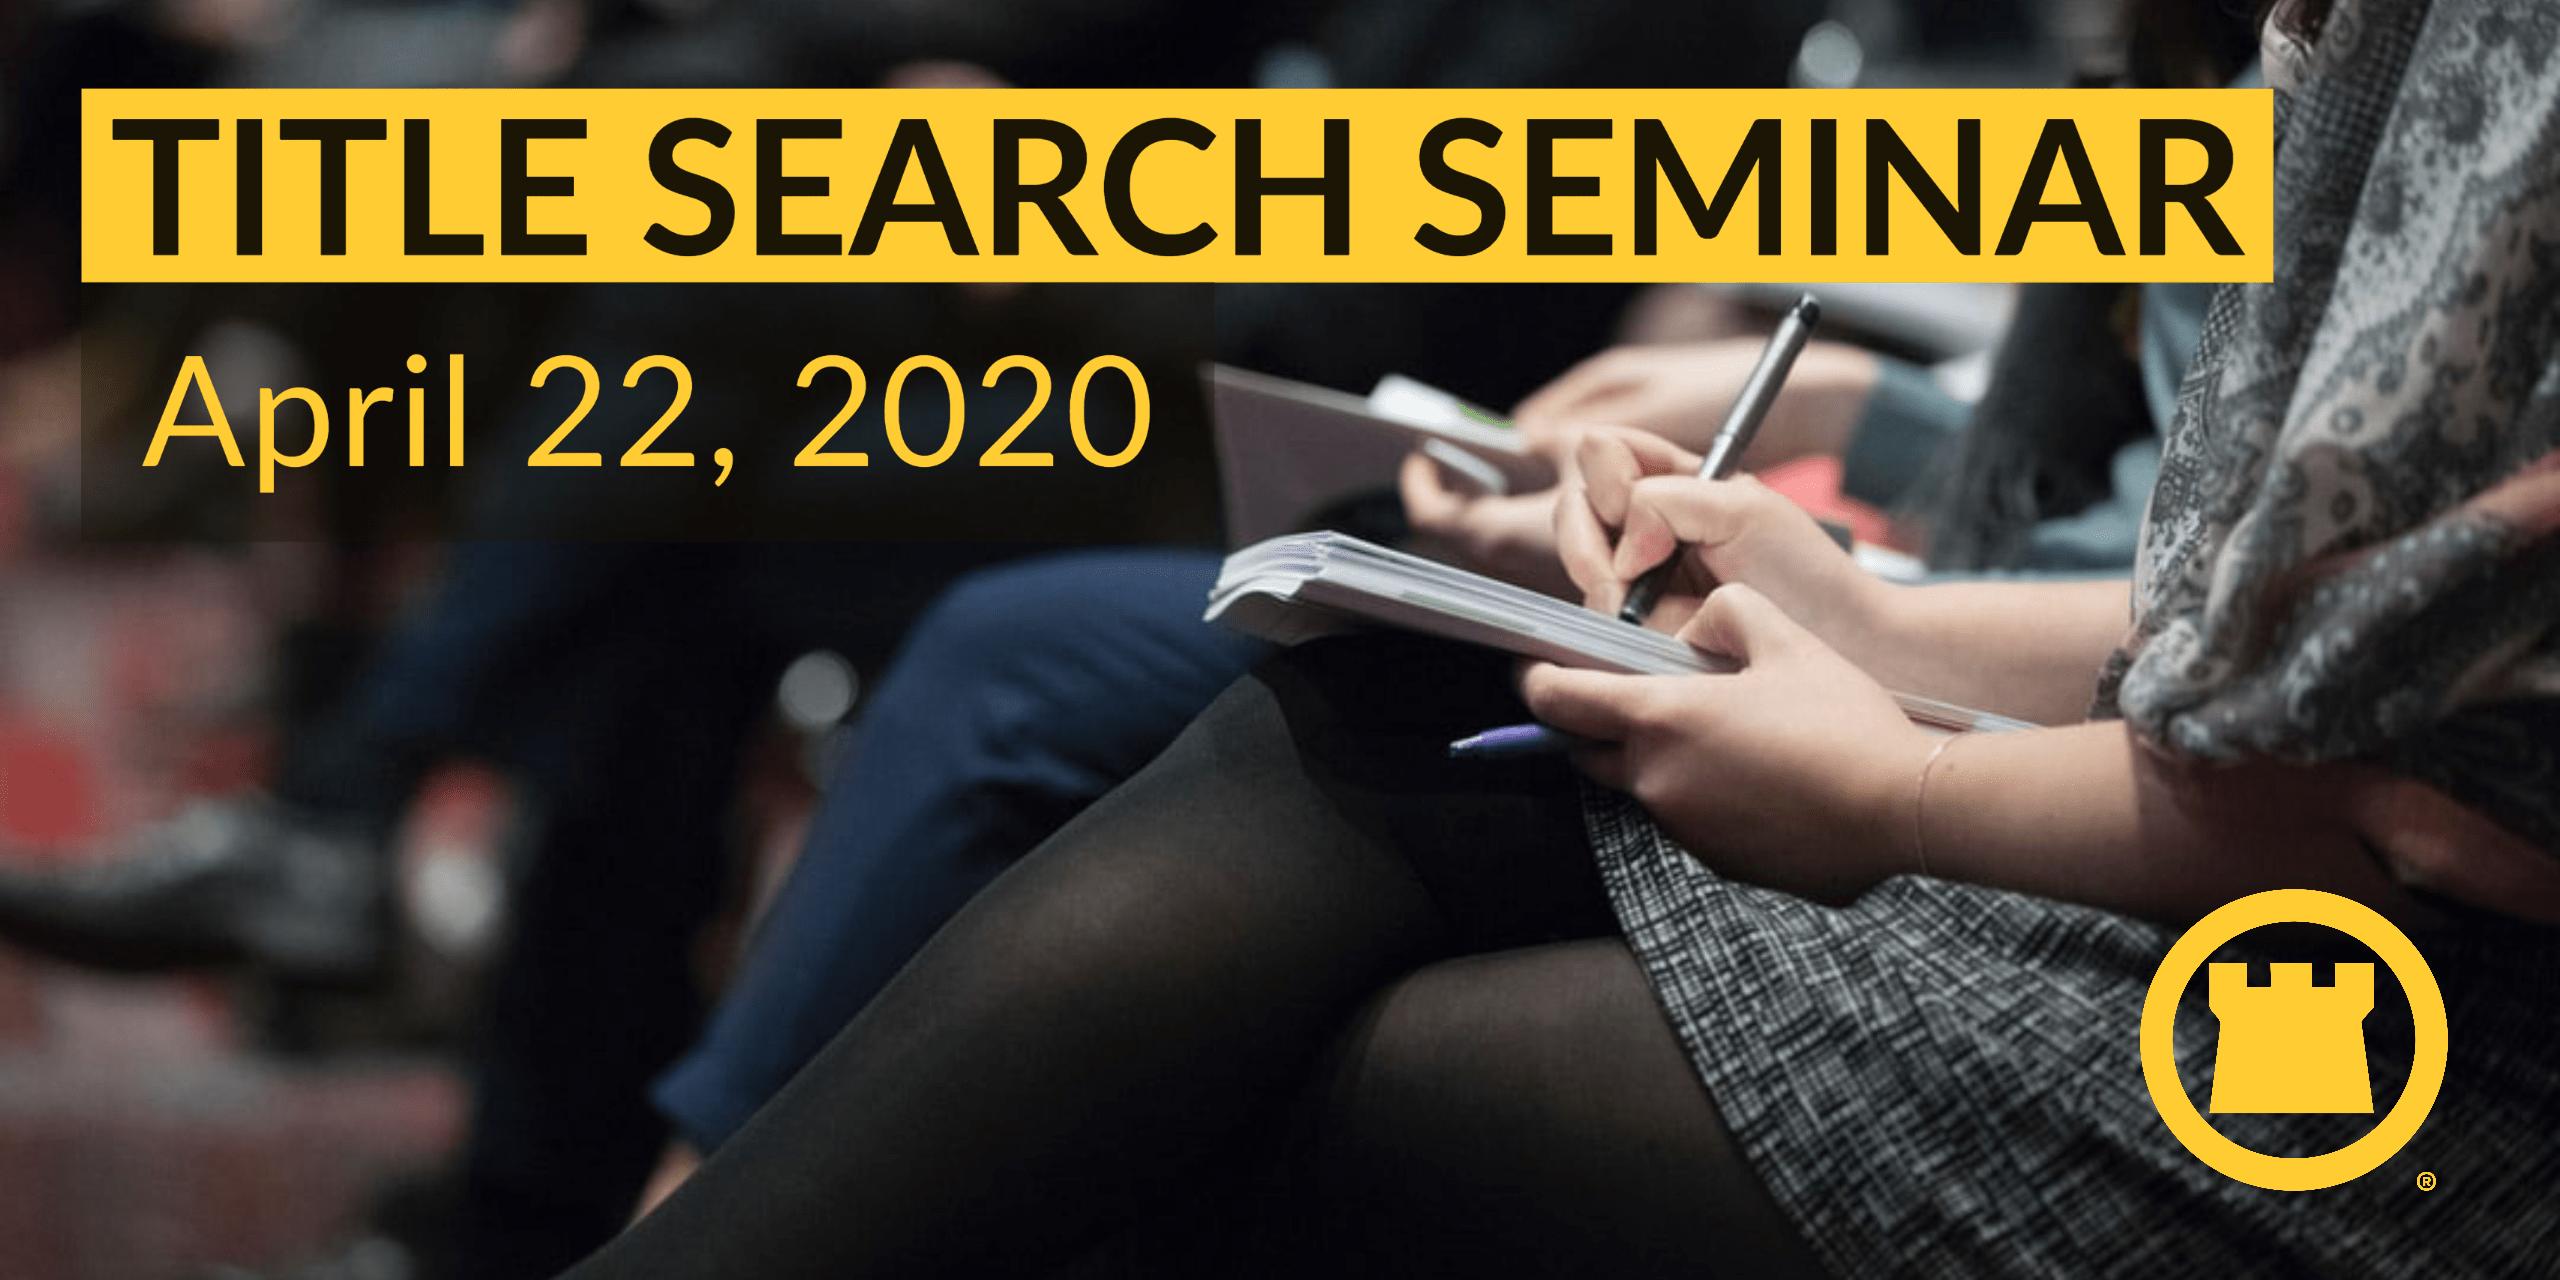 Title Search Seminar